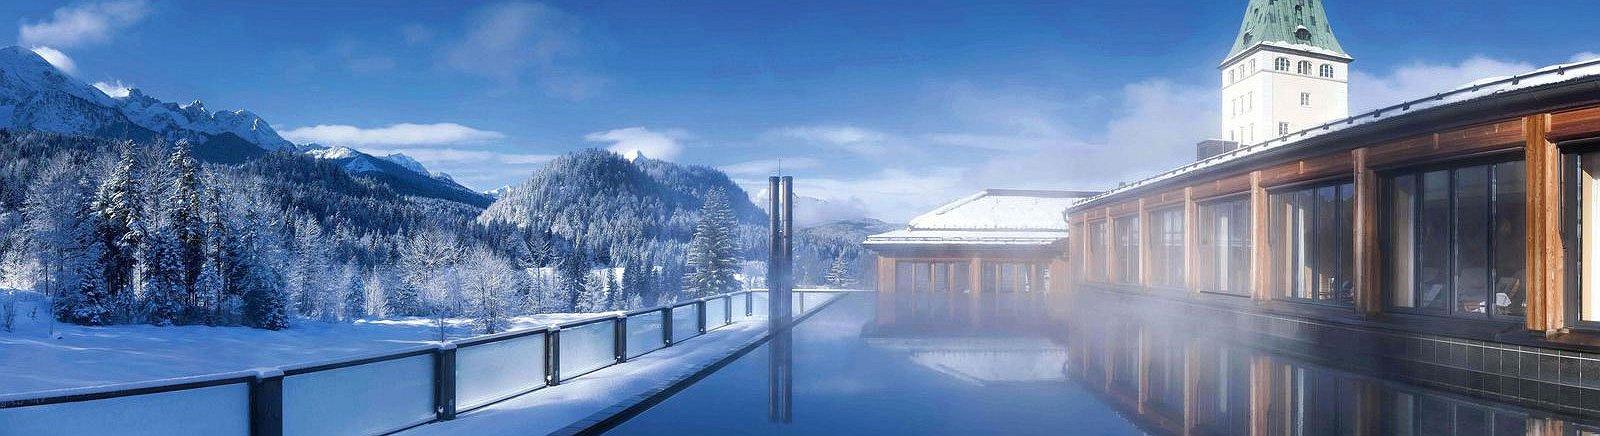 От Ньюфаундленда до Альп: Зимние курорты для тех, кто не любит активных отдых